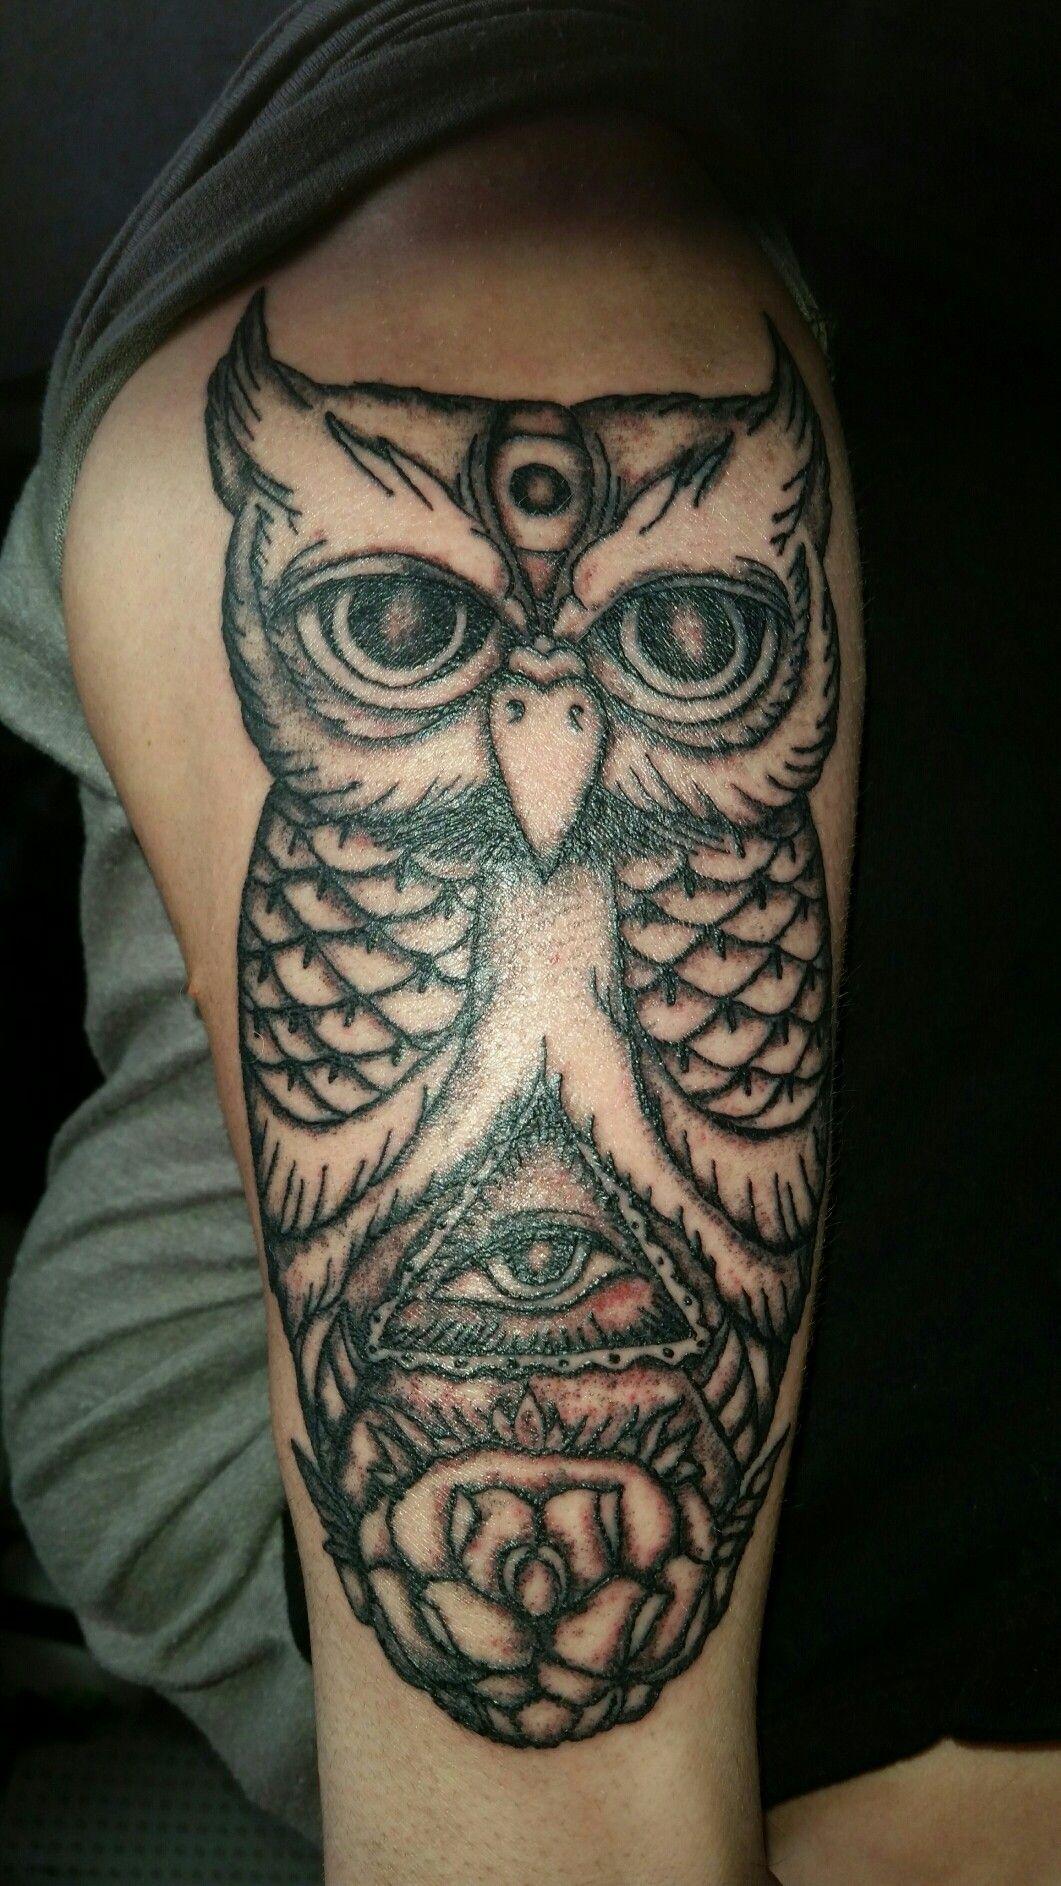 Newest peice #illuminati #owl #sleeve #halfsleeve #tattoo #forearm ...